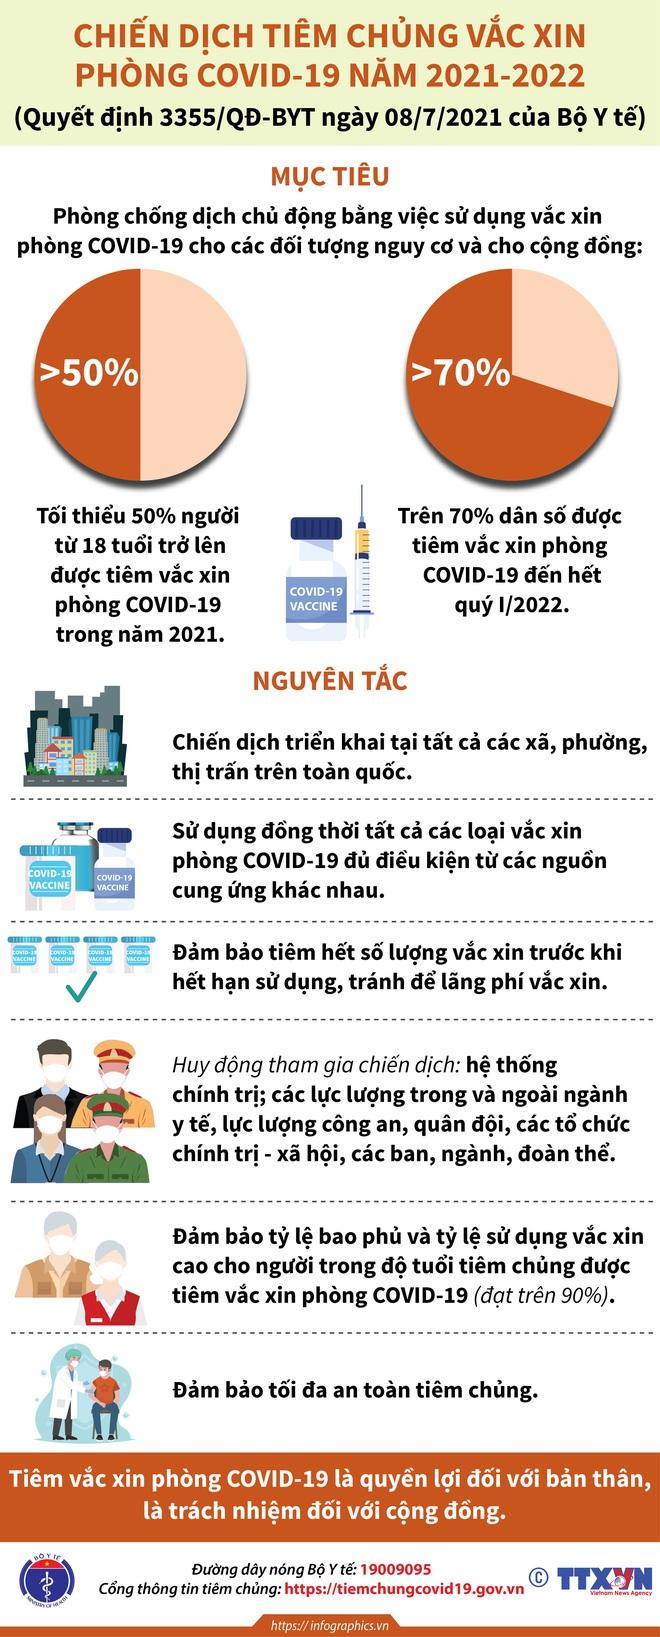 INFOGRAPHIC: 16 nhóm đối tượng được ưu tiên tiêm chủng vaccine COVID-19 - Ảnh 2.